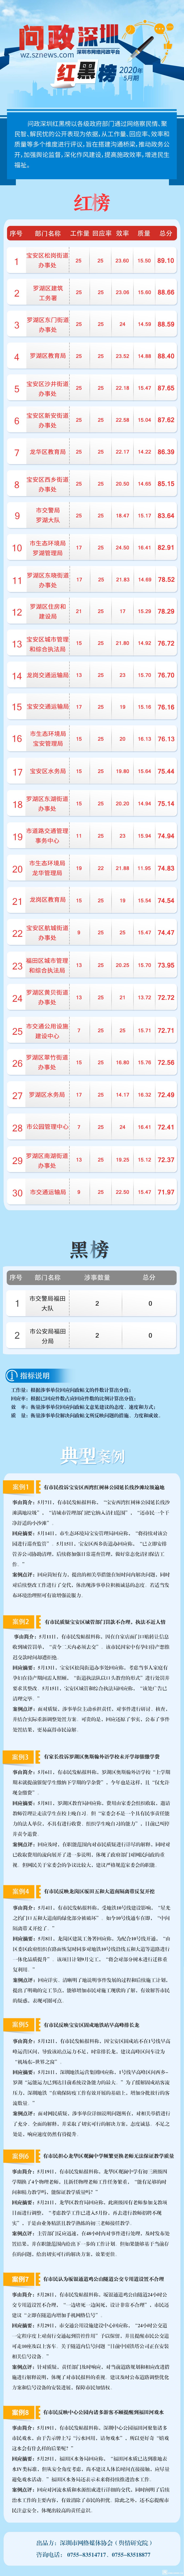 问政深圳红黑榜5月.png